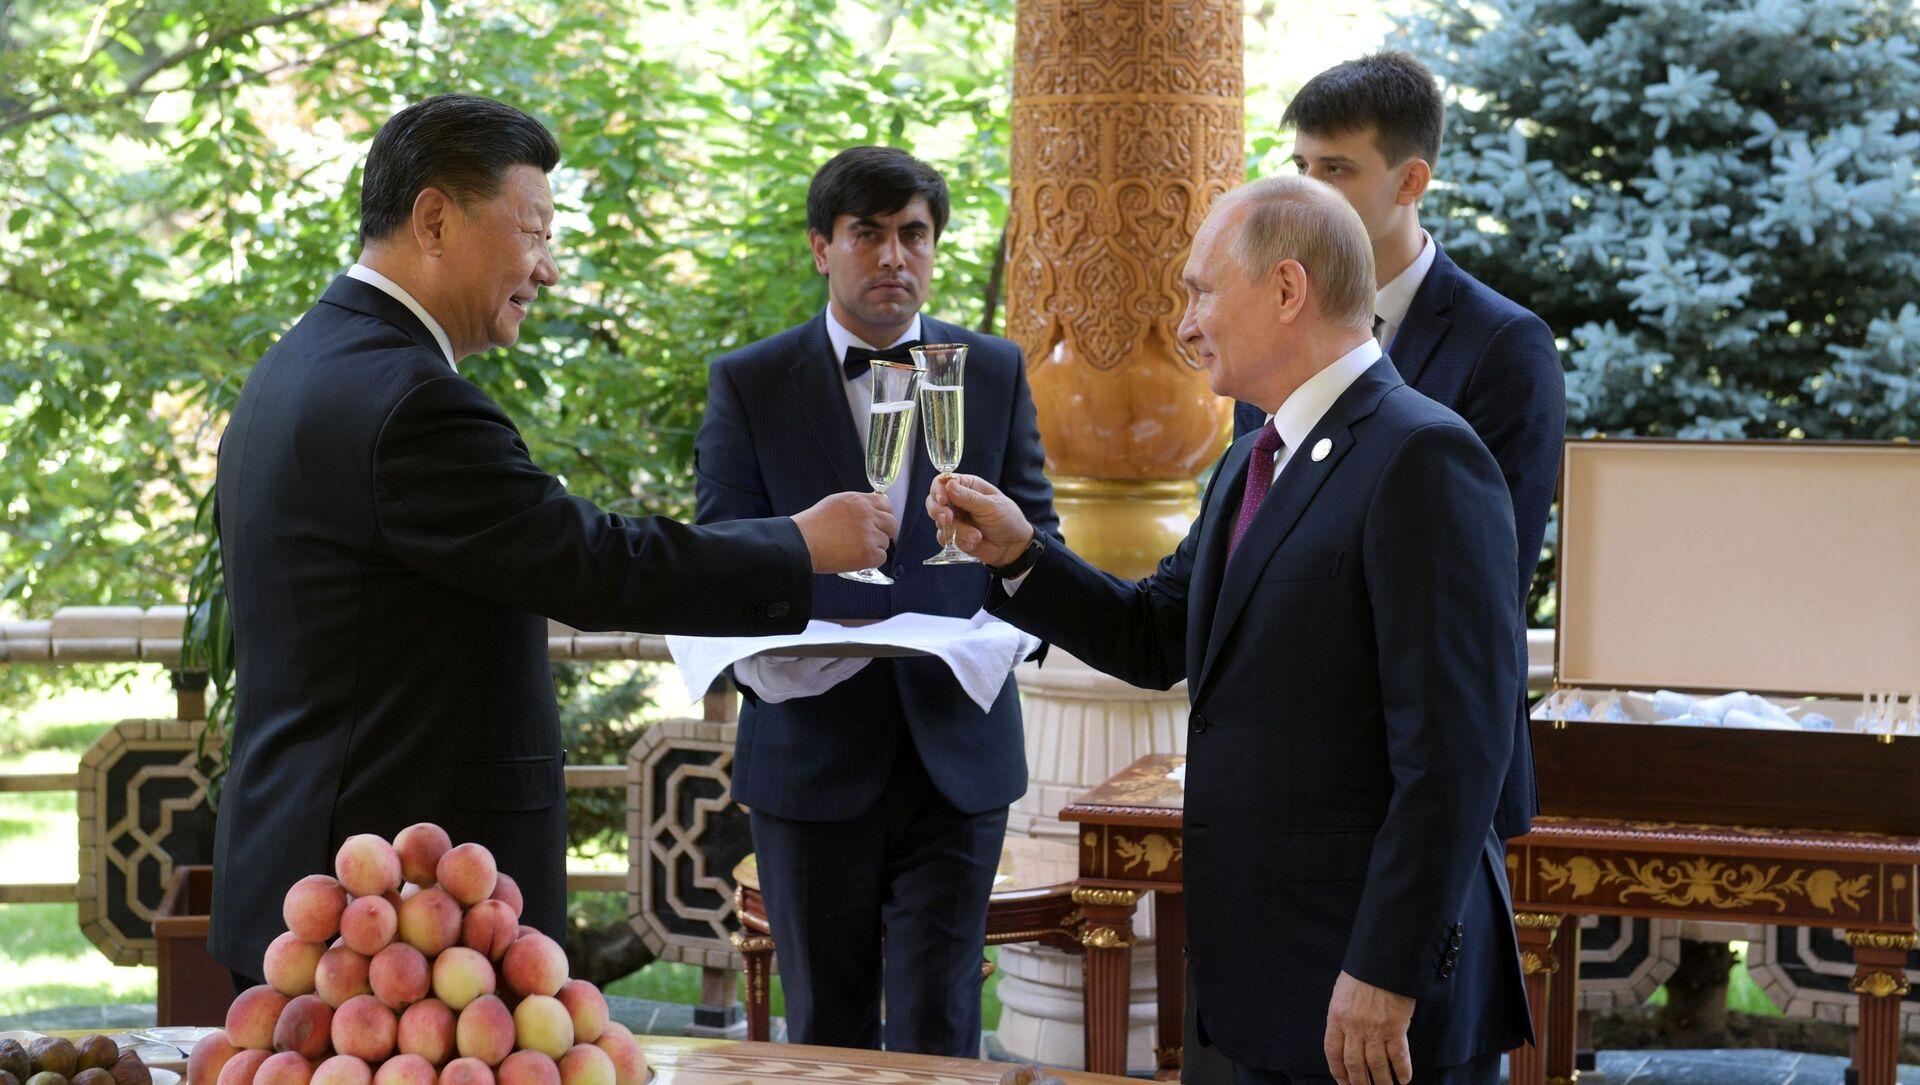 Il presidente russo Vladimir Putin e il suo omologo cinese Xi Jinping durante l'incontro a Dushanbe. - Sputnik Italia, 1920, 26.04.2021